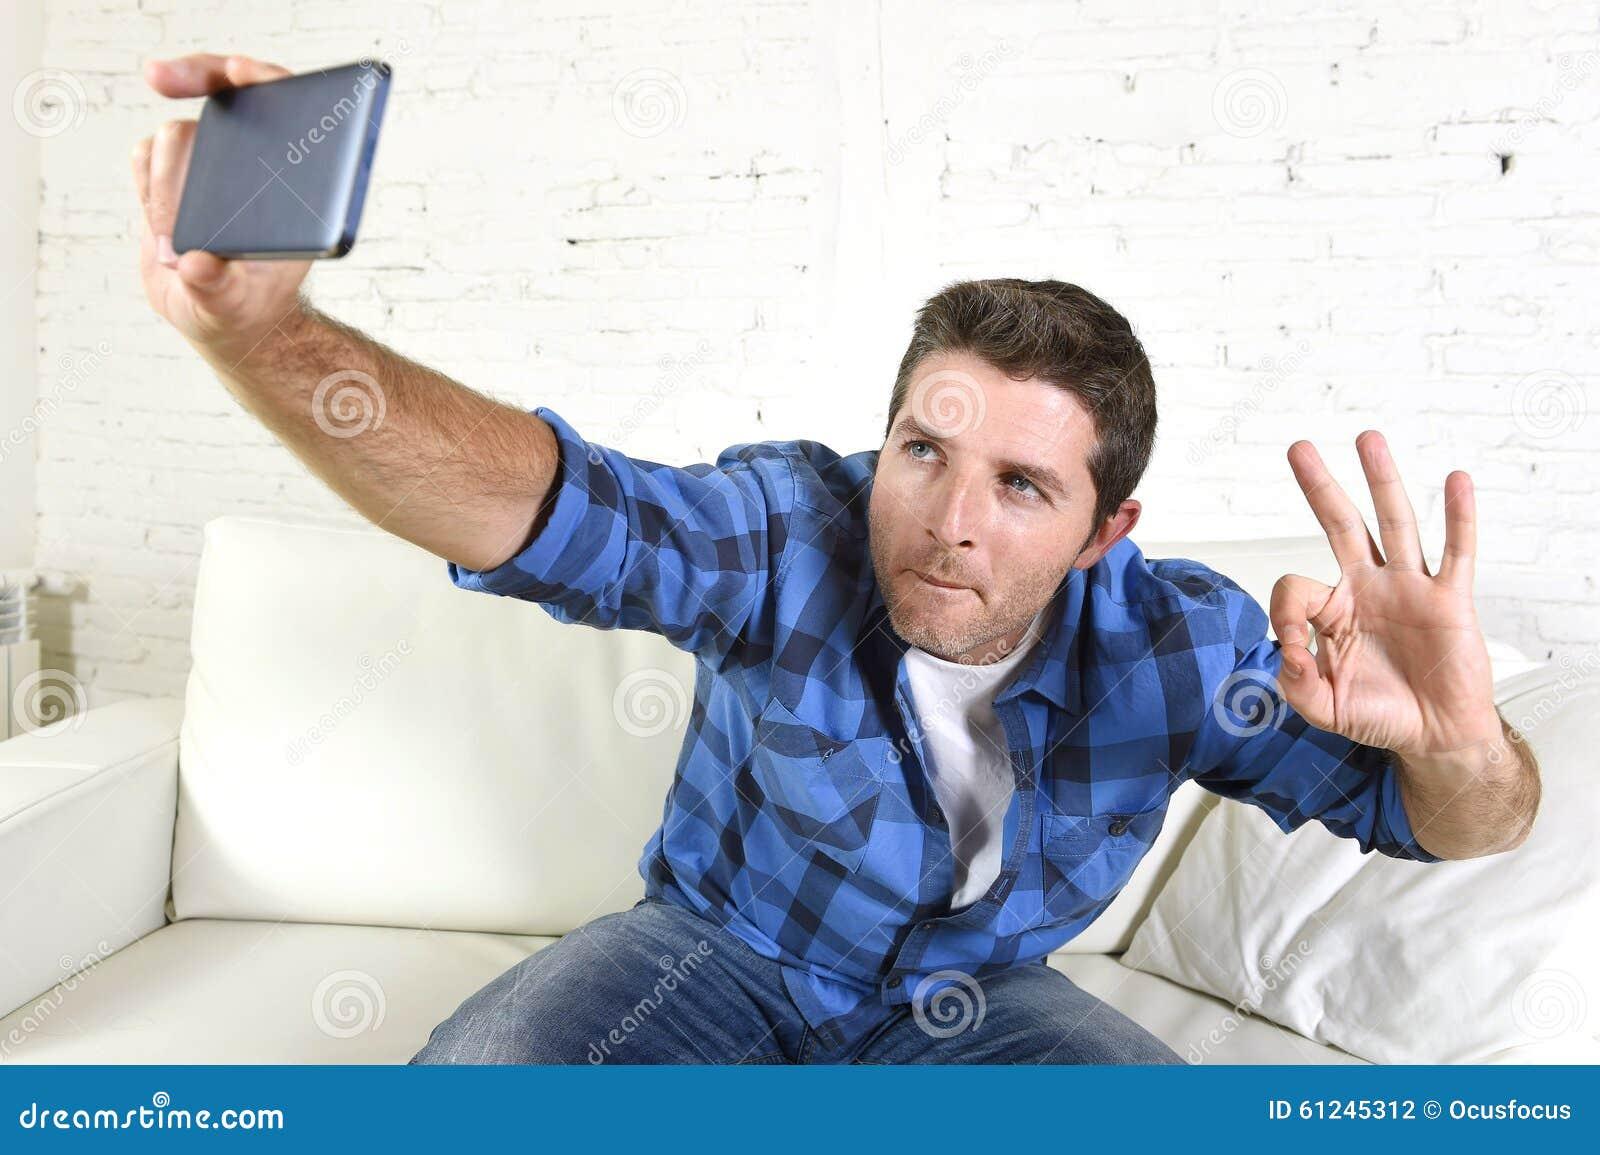 De jonge aantrekkelijke jaren  30mens die selfie stelt of zelfvideo met mobiele telefoon thuis zittend bij laag gelukkig glimlach